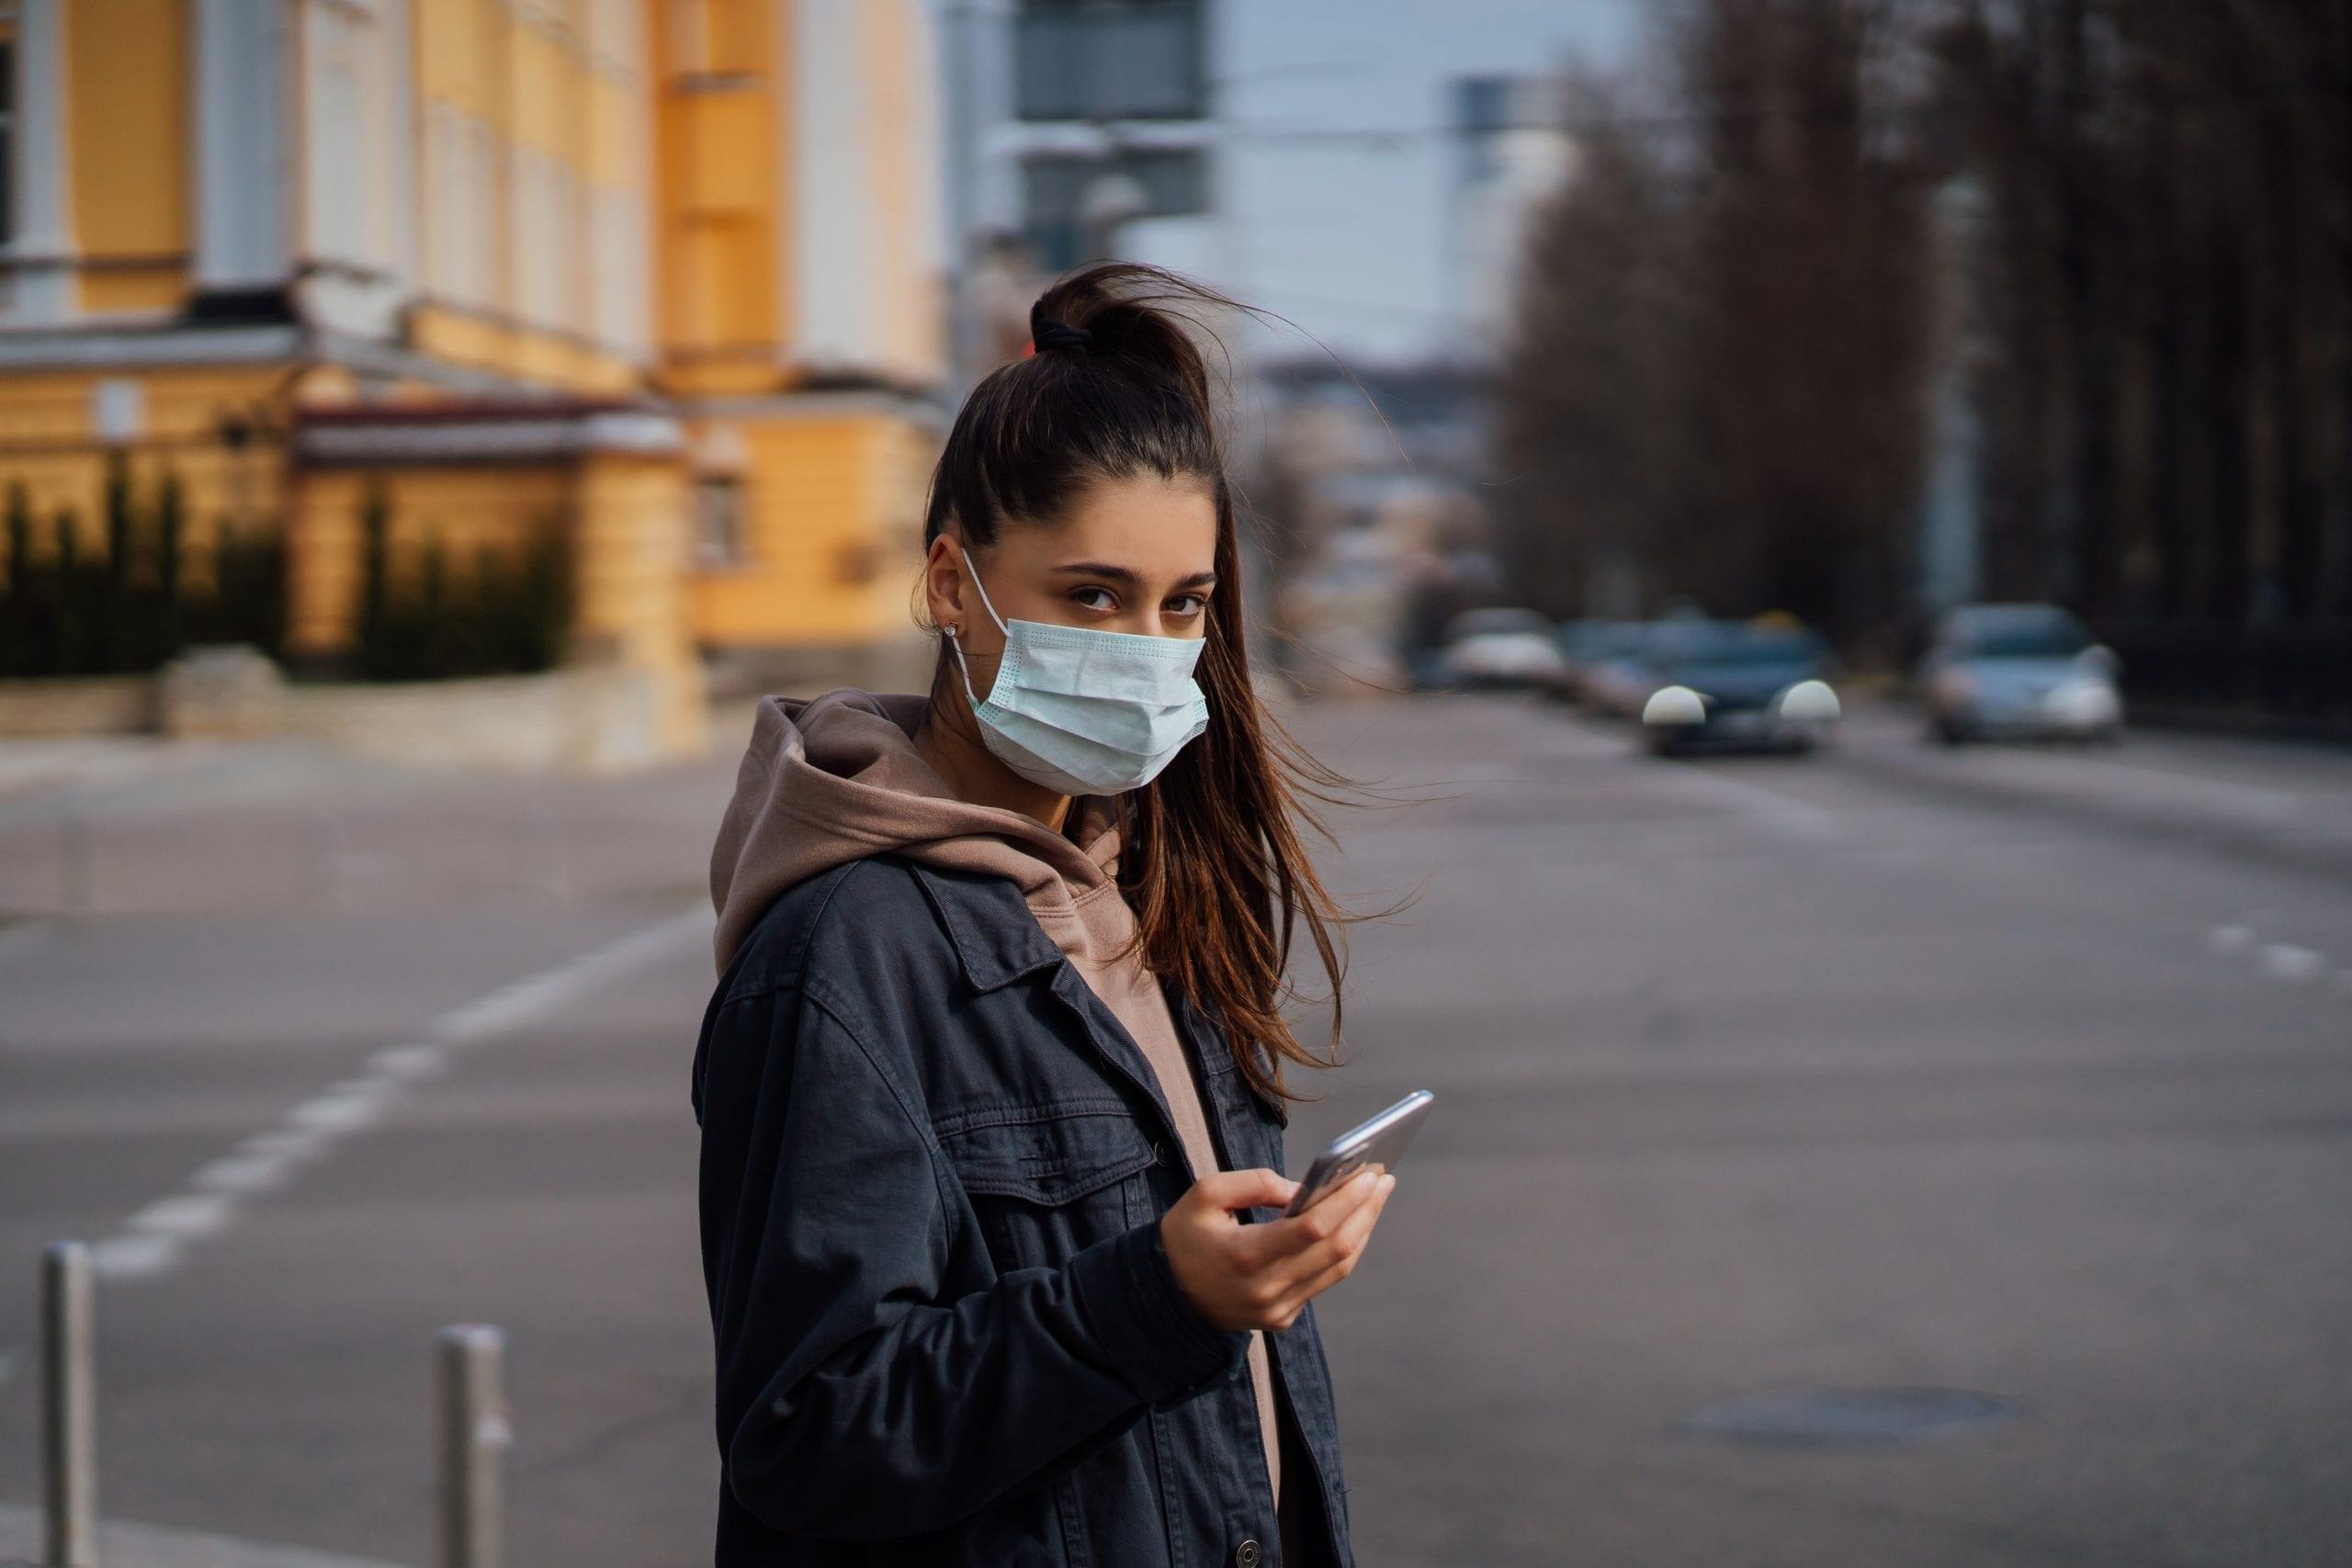 Pandemijska pratnja: infodemija